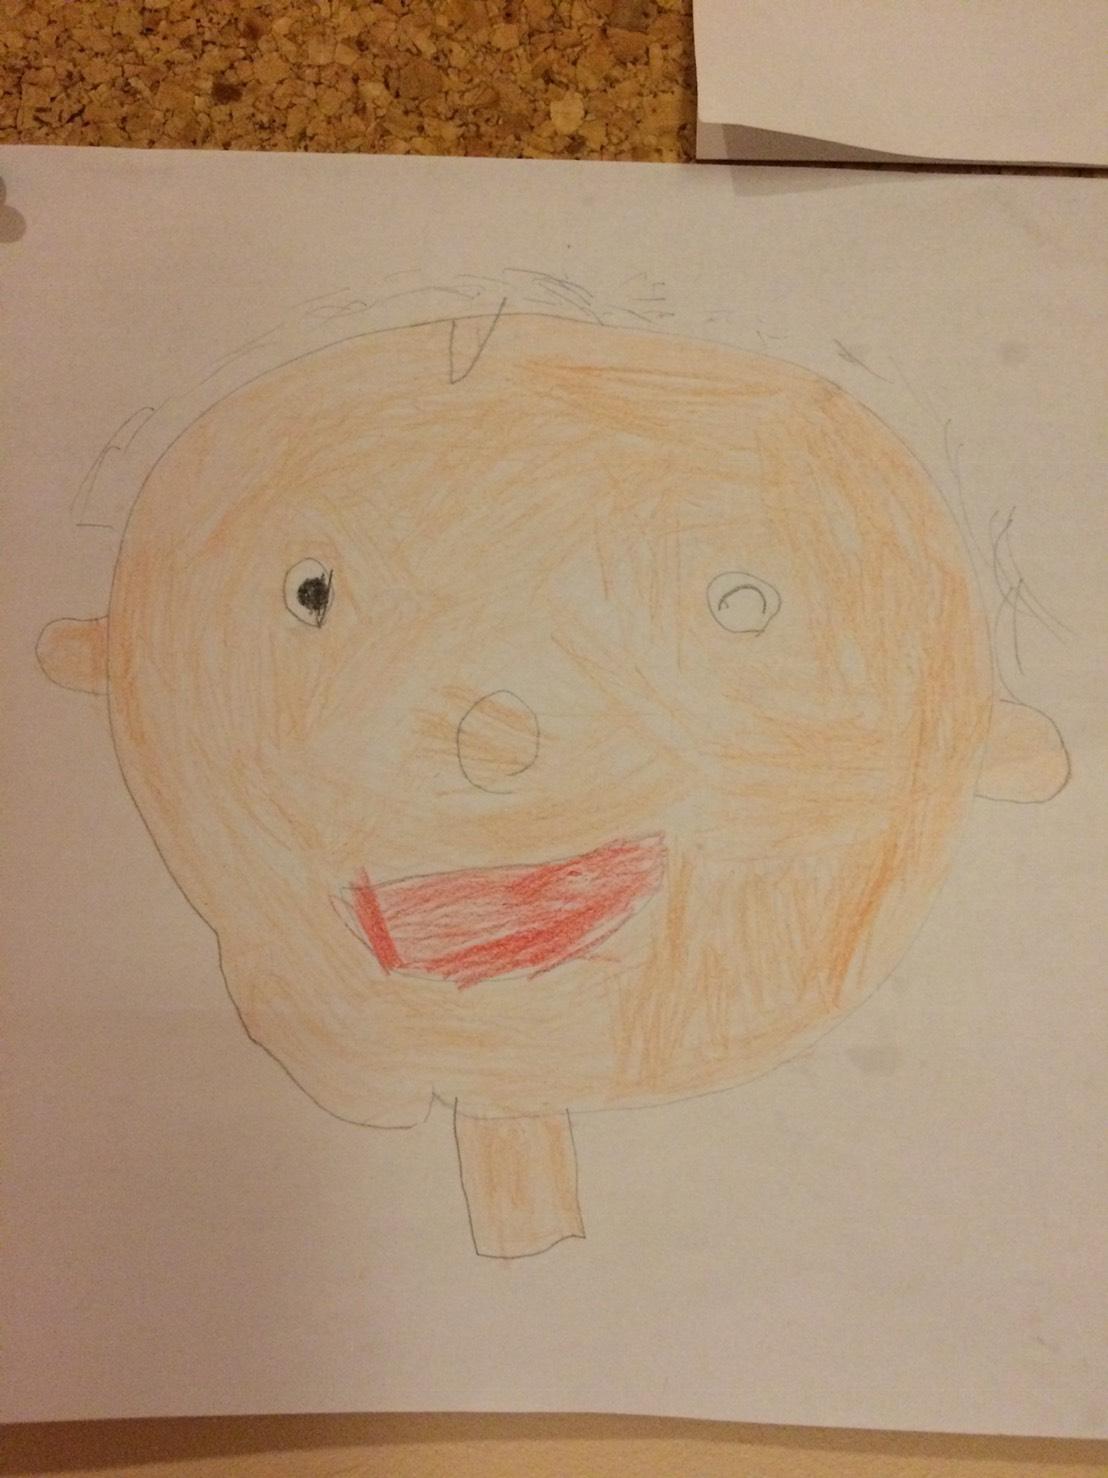 コマ撮りしているときの僕はこんな顔をしていると思います。※イラストではデフォルメされていますが、髪の毛はいっぱいあります。